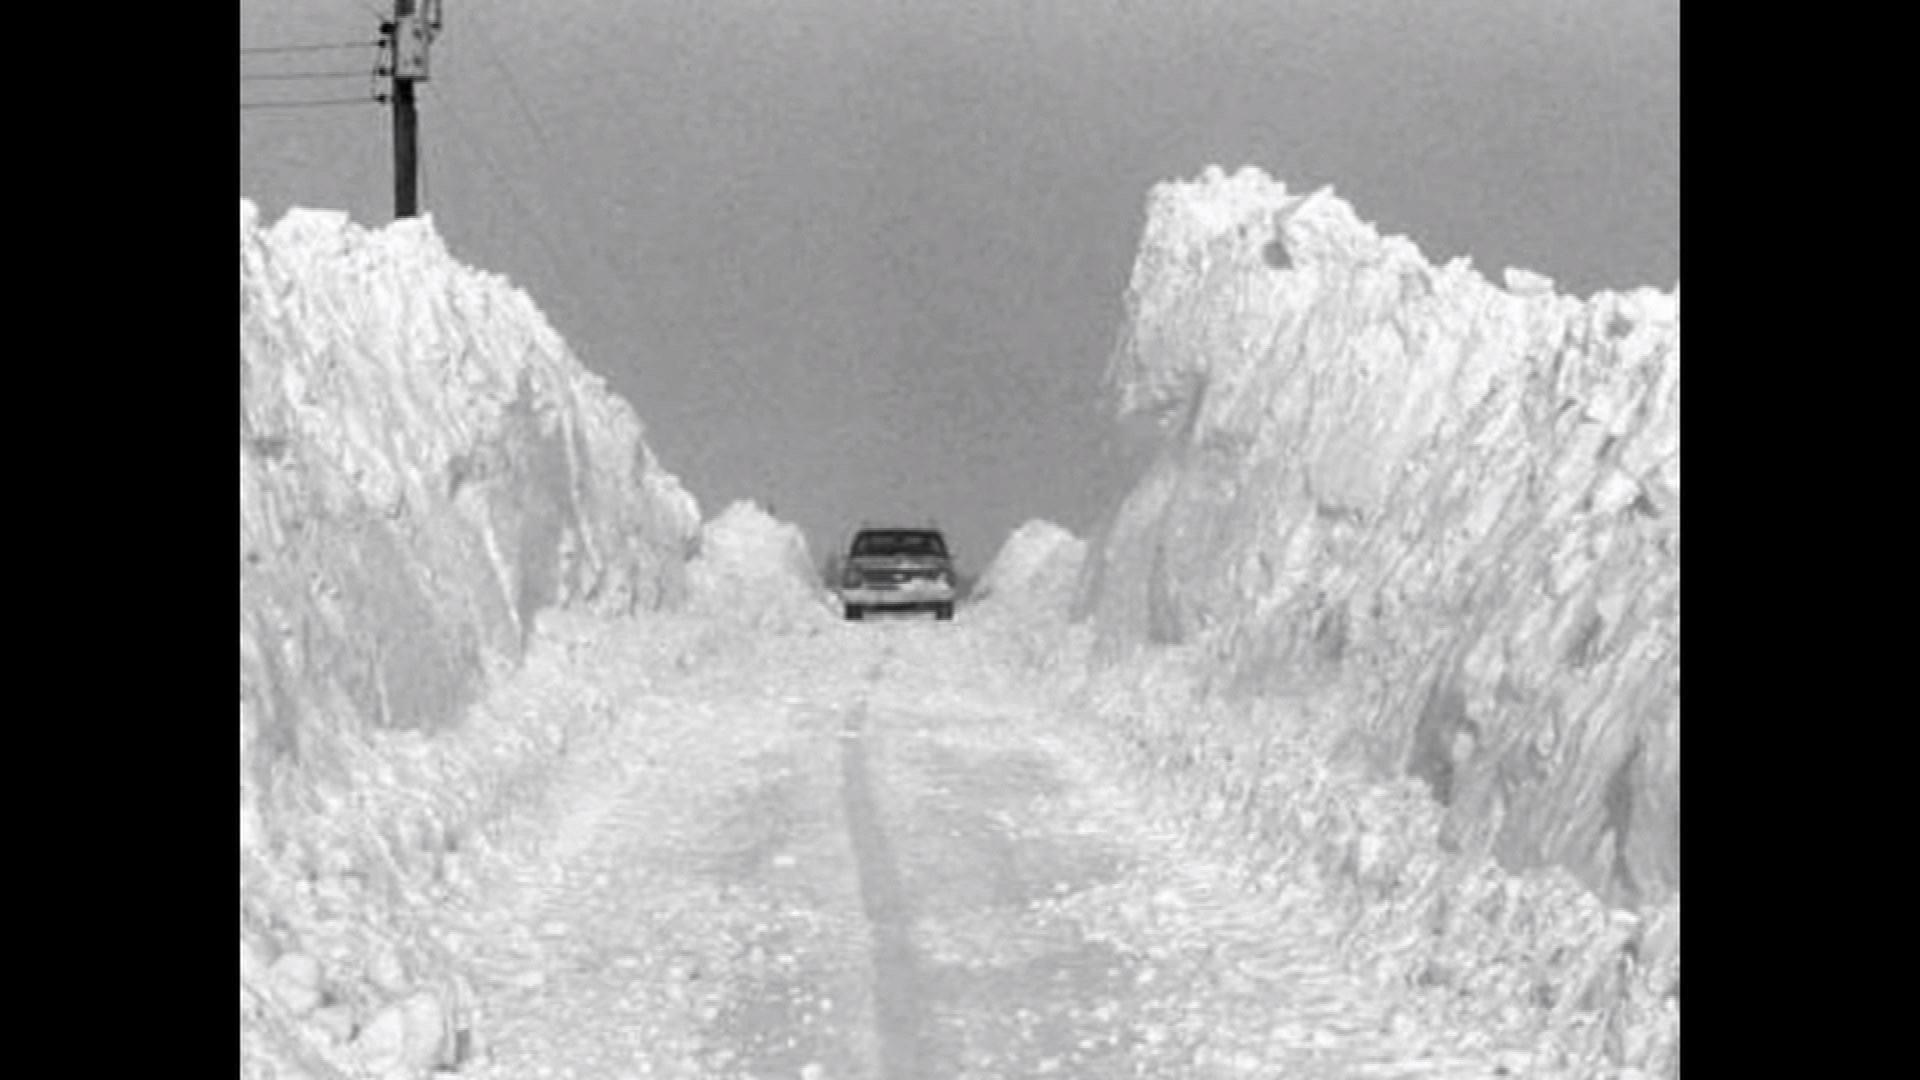 Grand Rapids blizzard of 1978 111616_261840